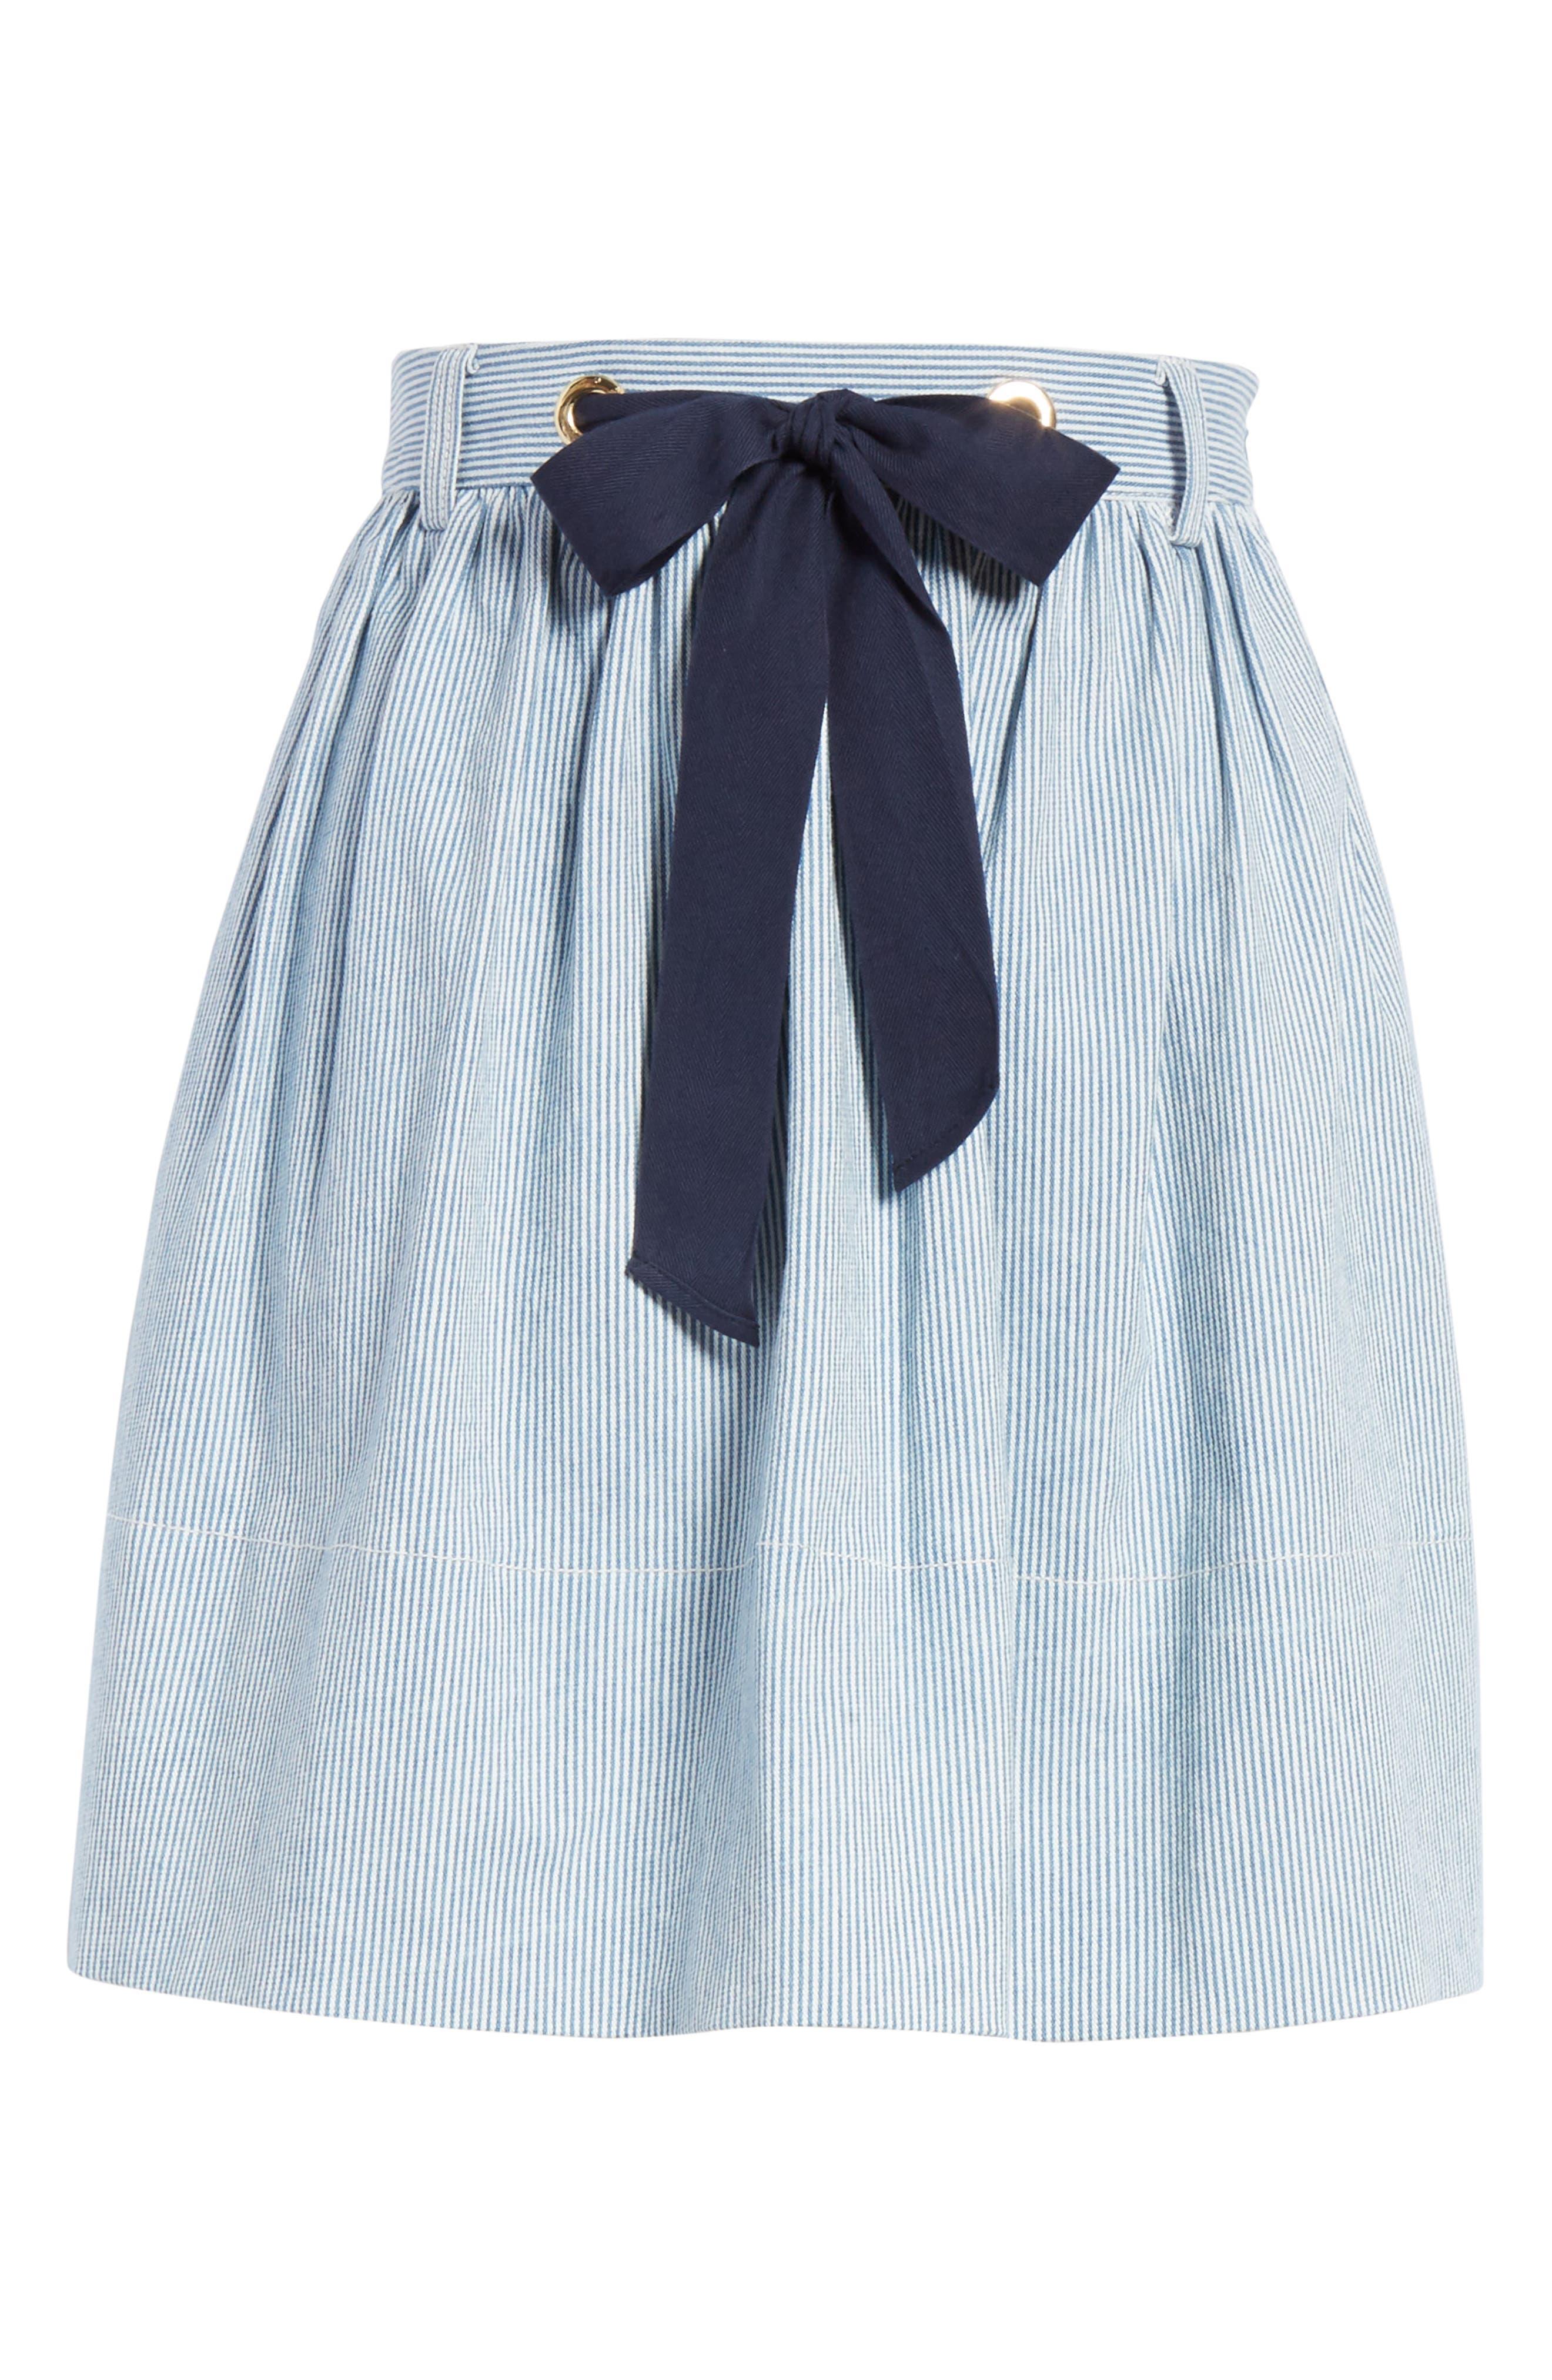 railroad stripe denim skirt,                             Alternate thumbnail 6, color,                             490